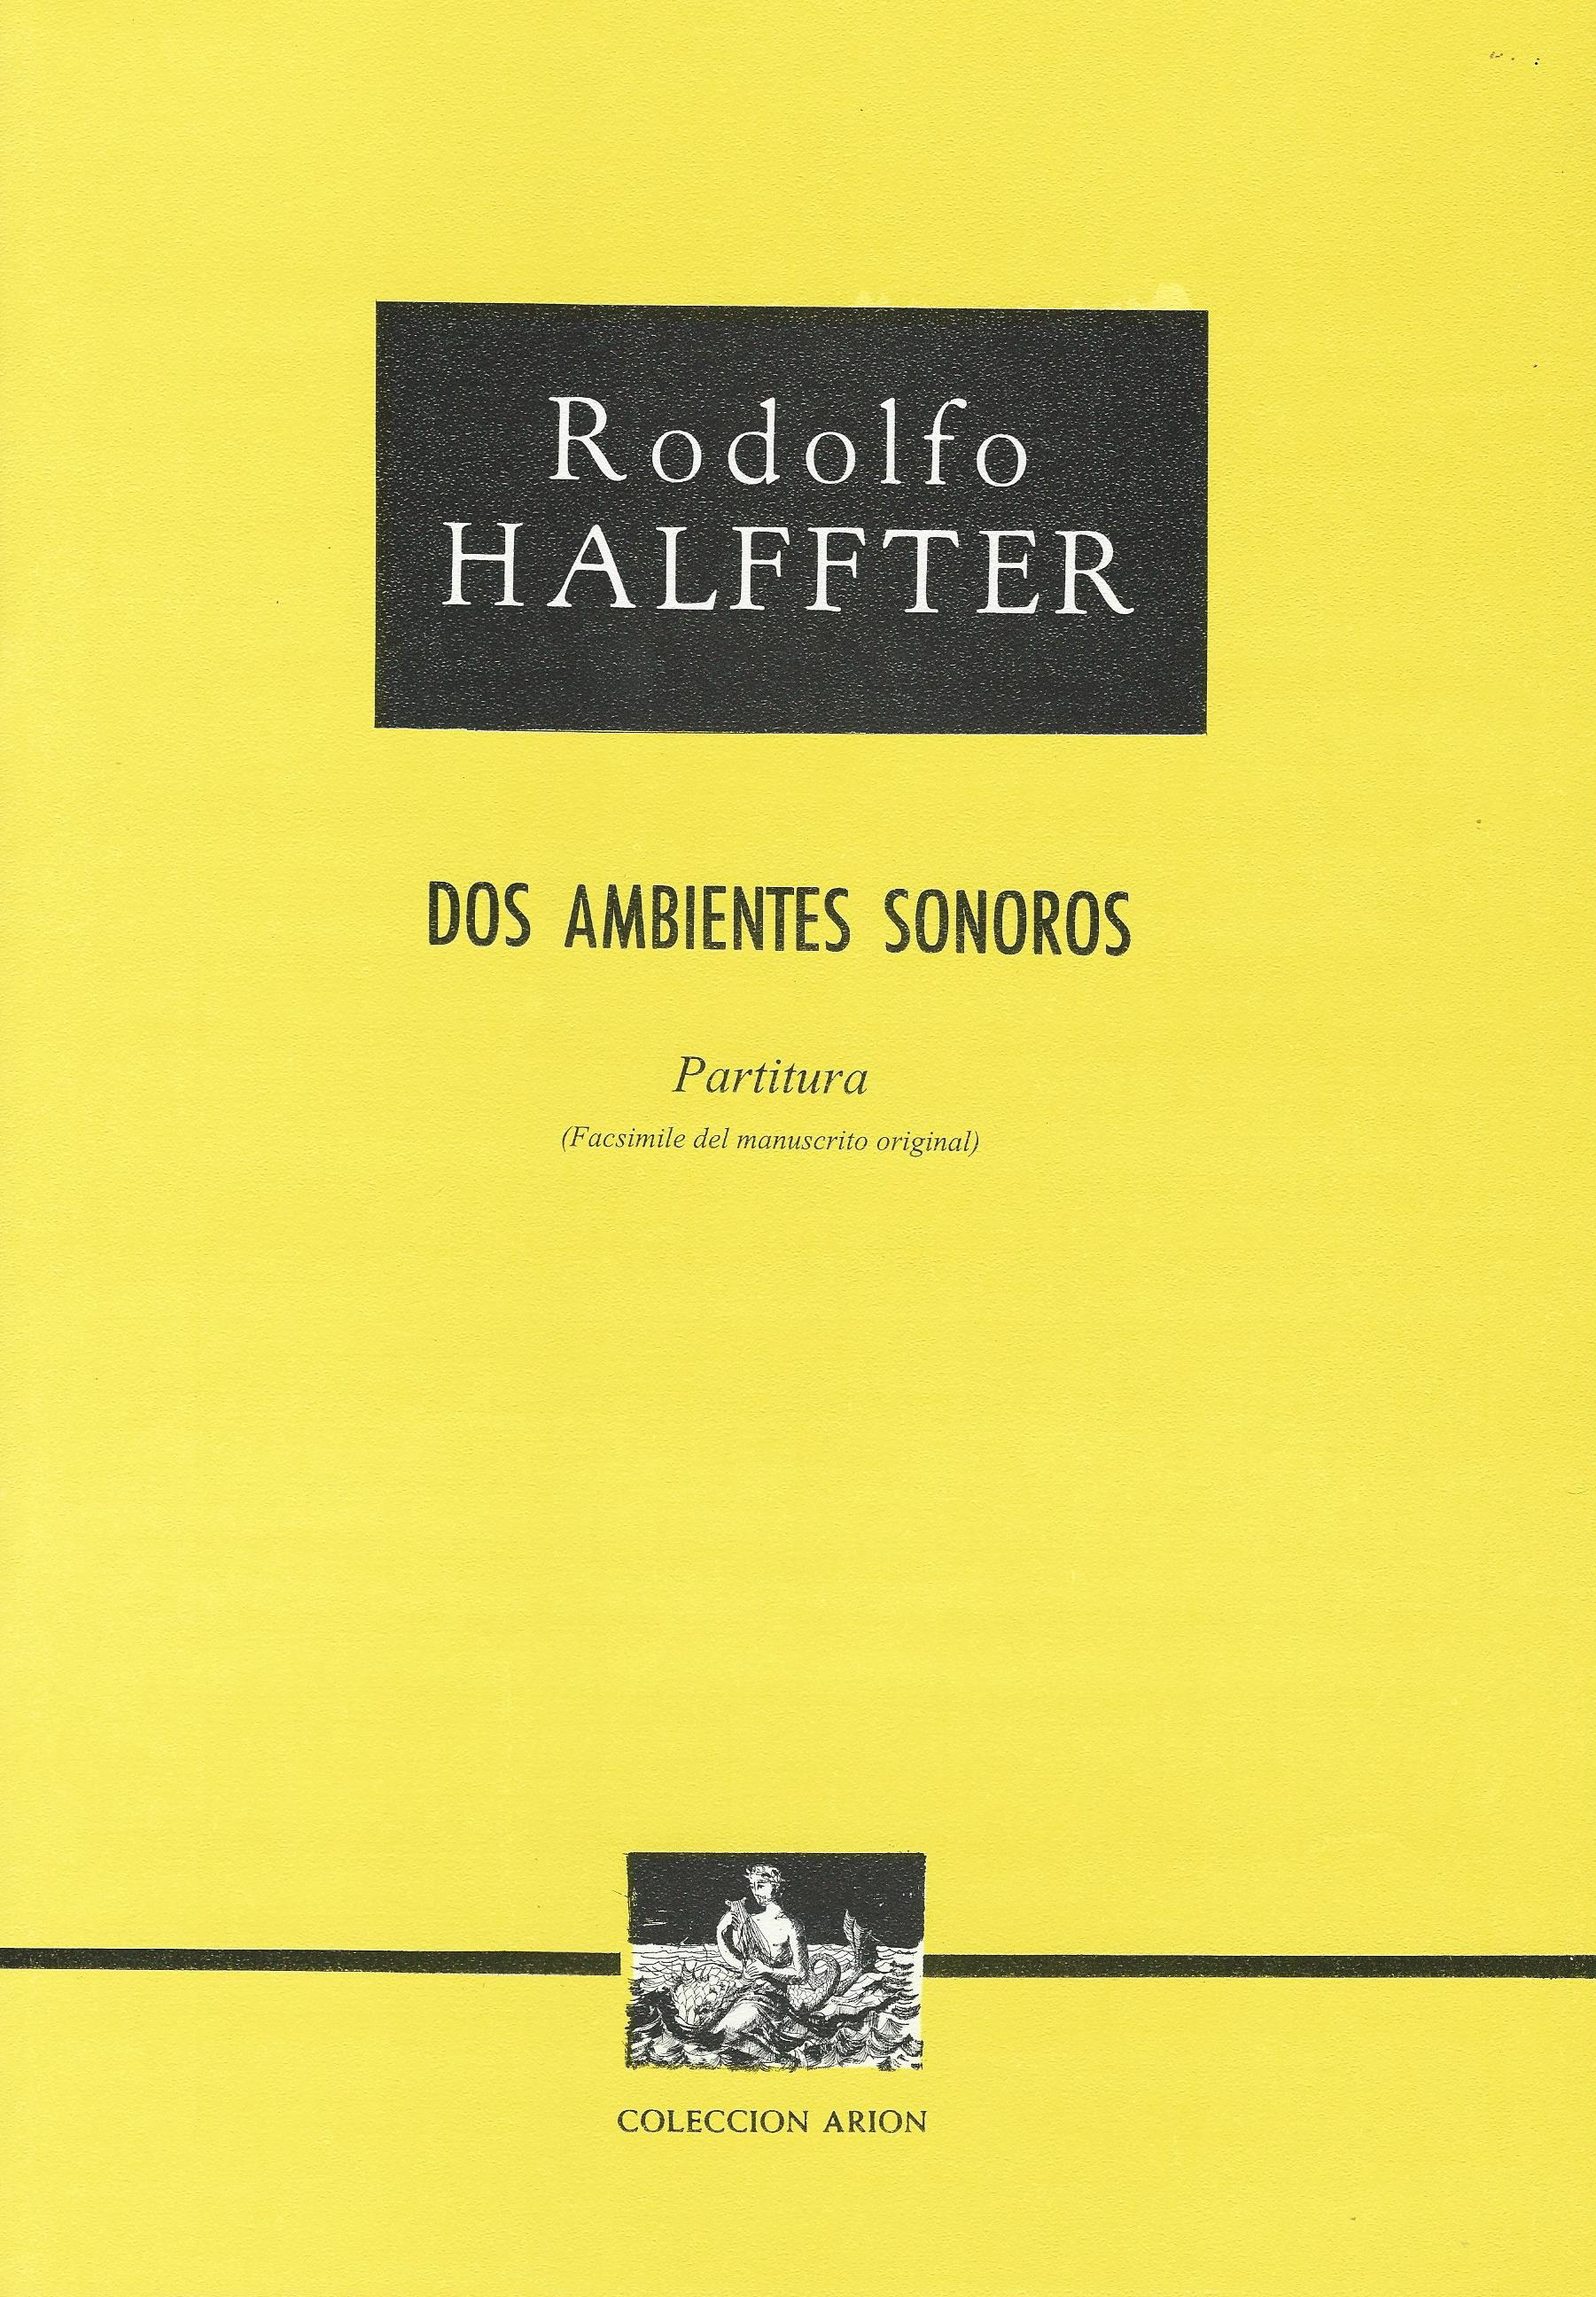 HALFFTER RODOLFO - Dos ambientes sonoros 01.jpg